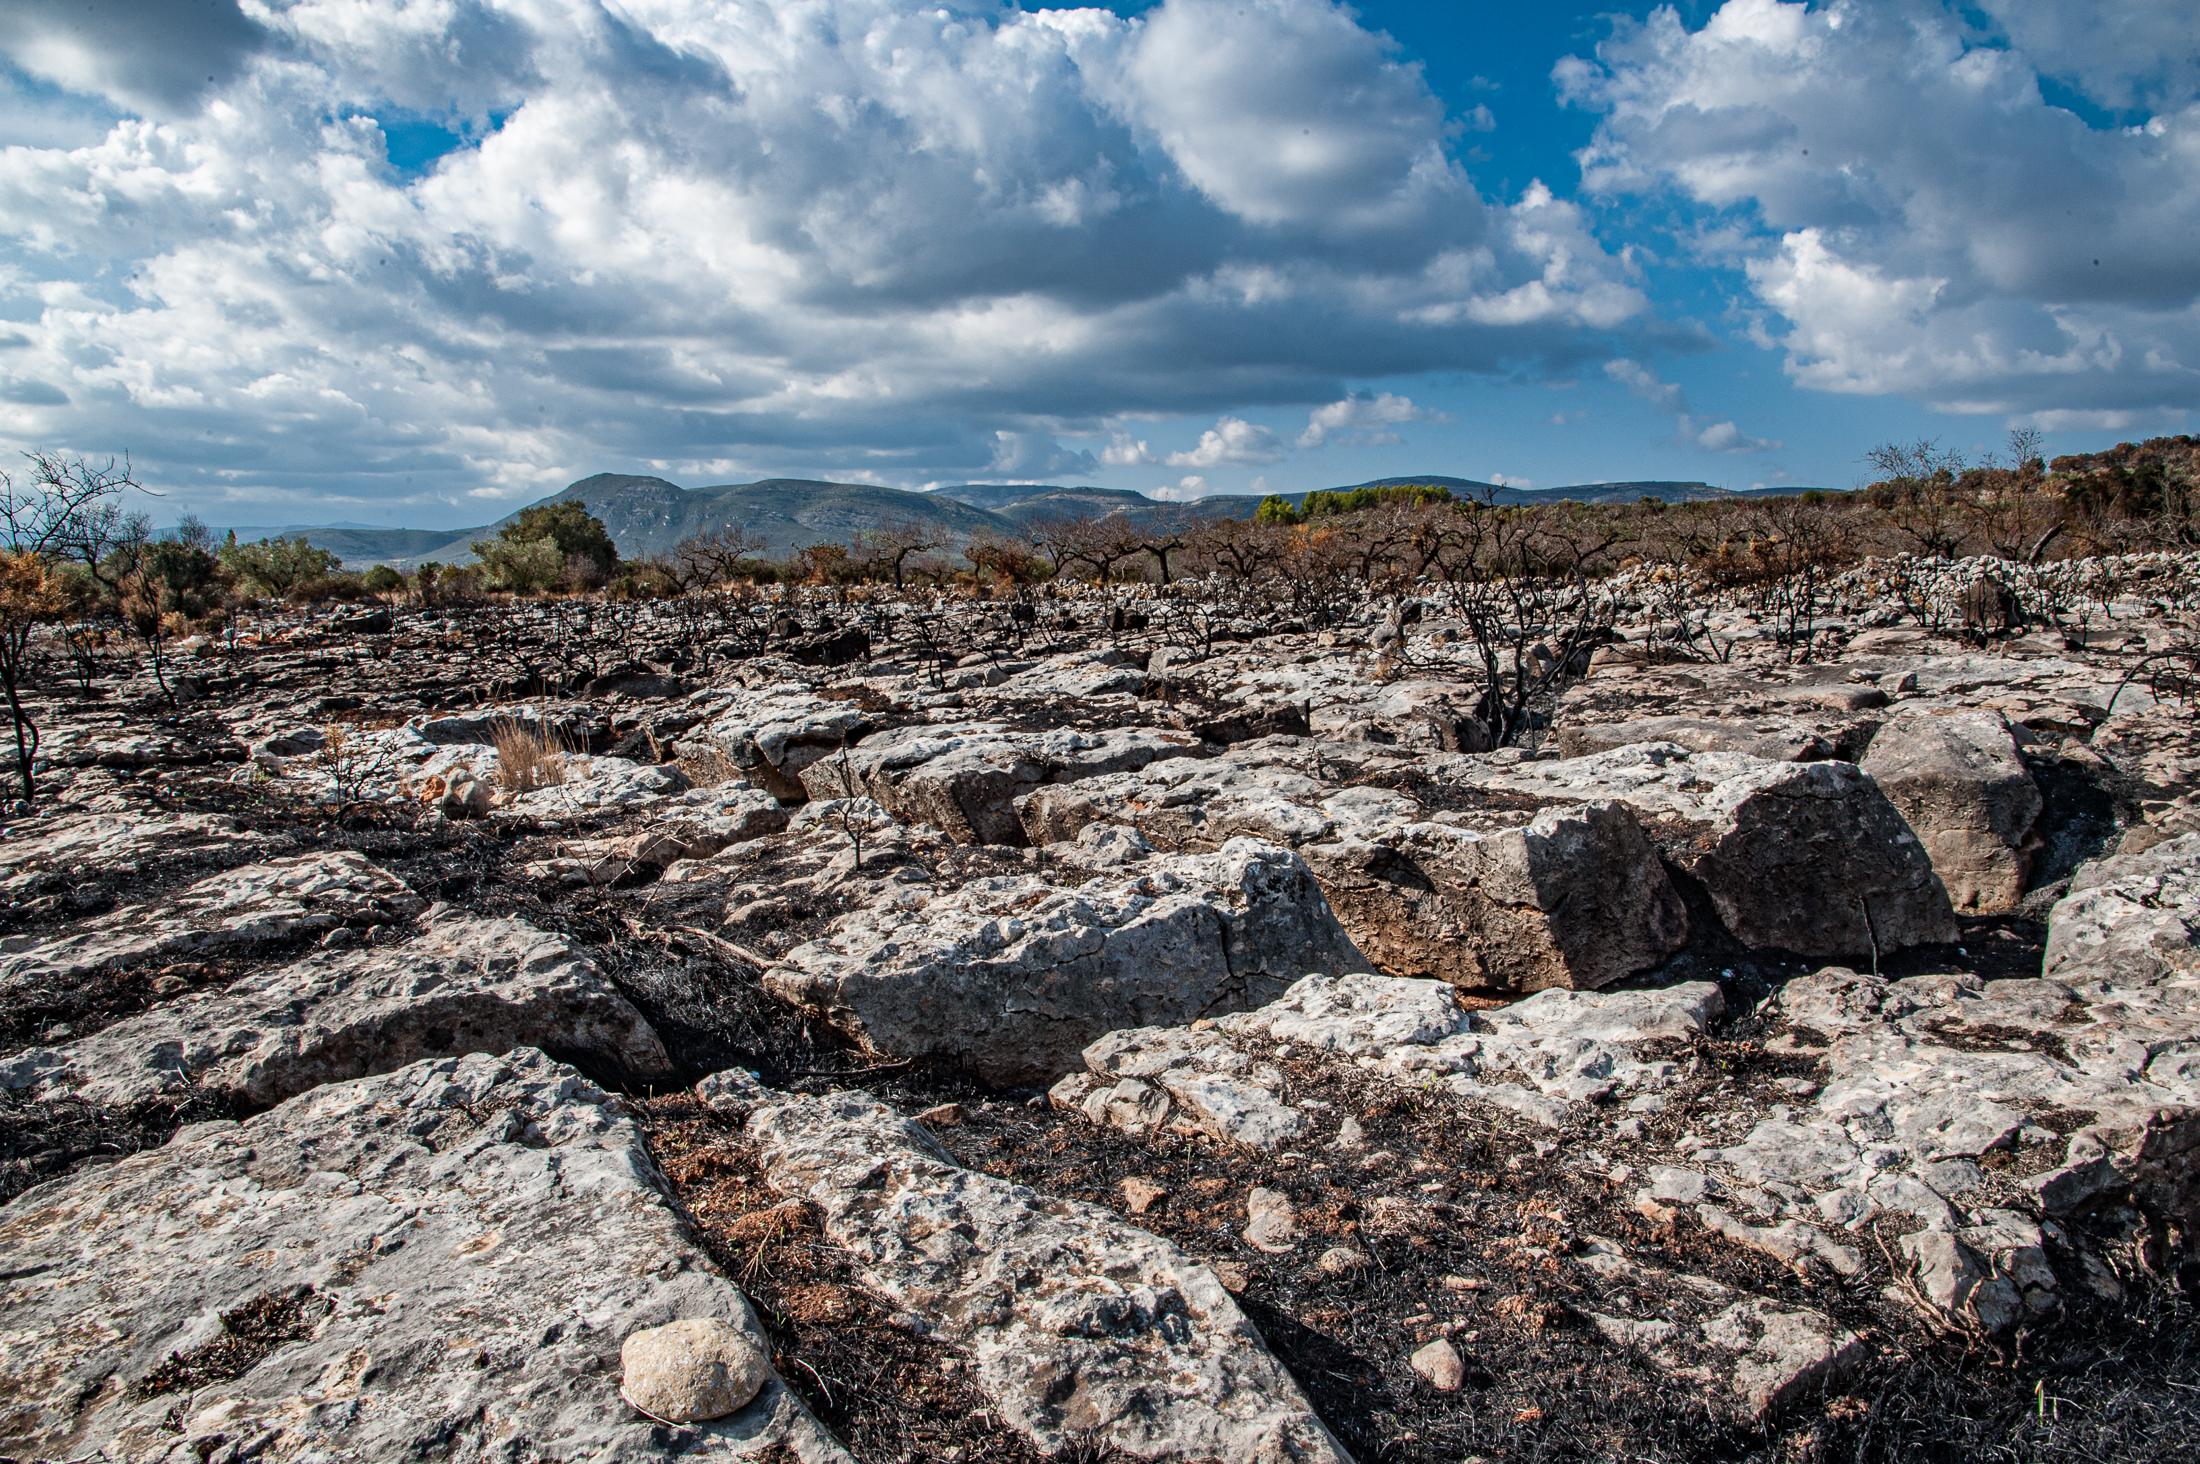 fire-baked land in El Maestrat, Spain